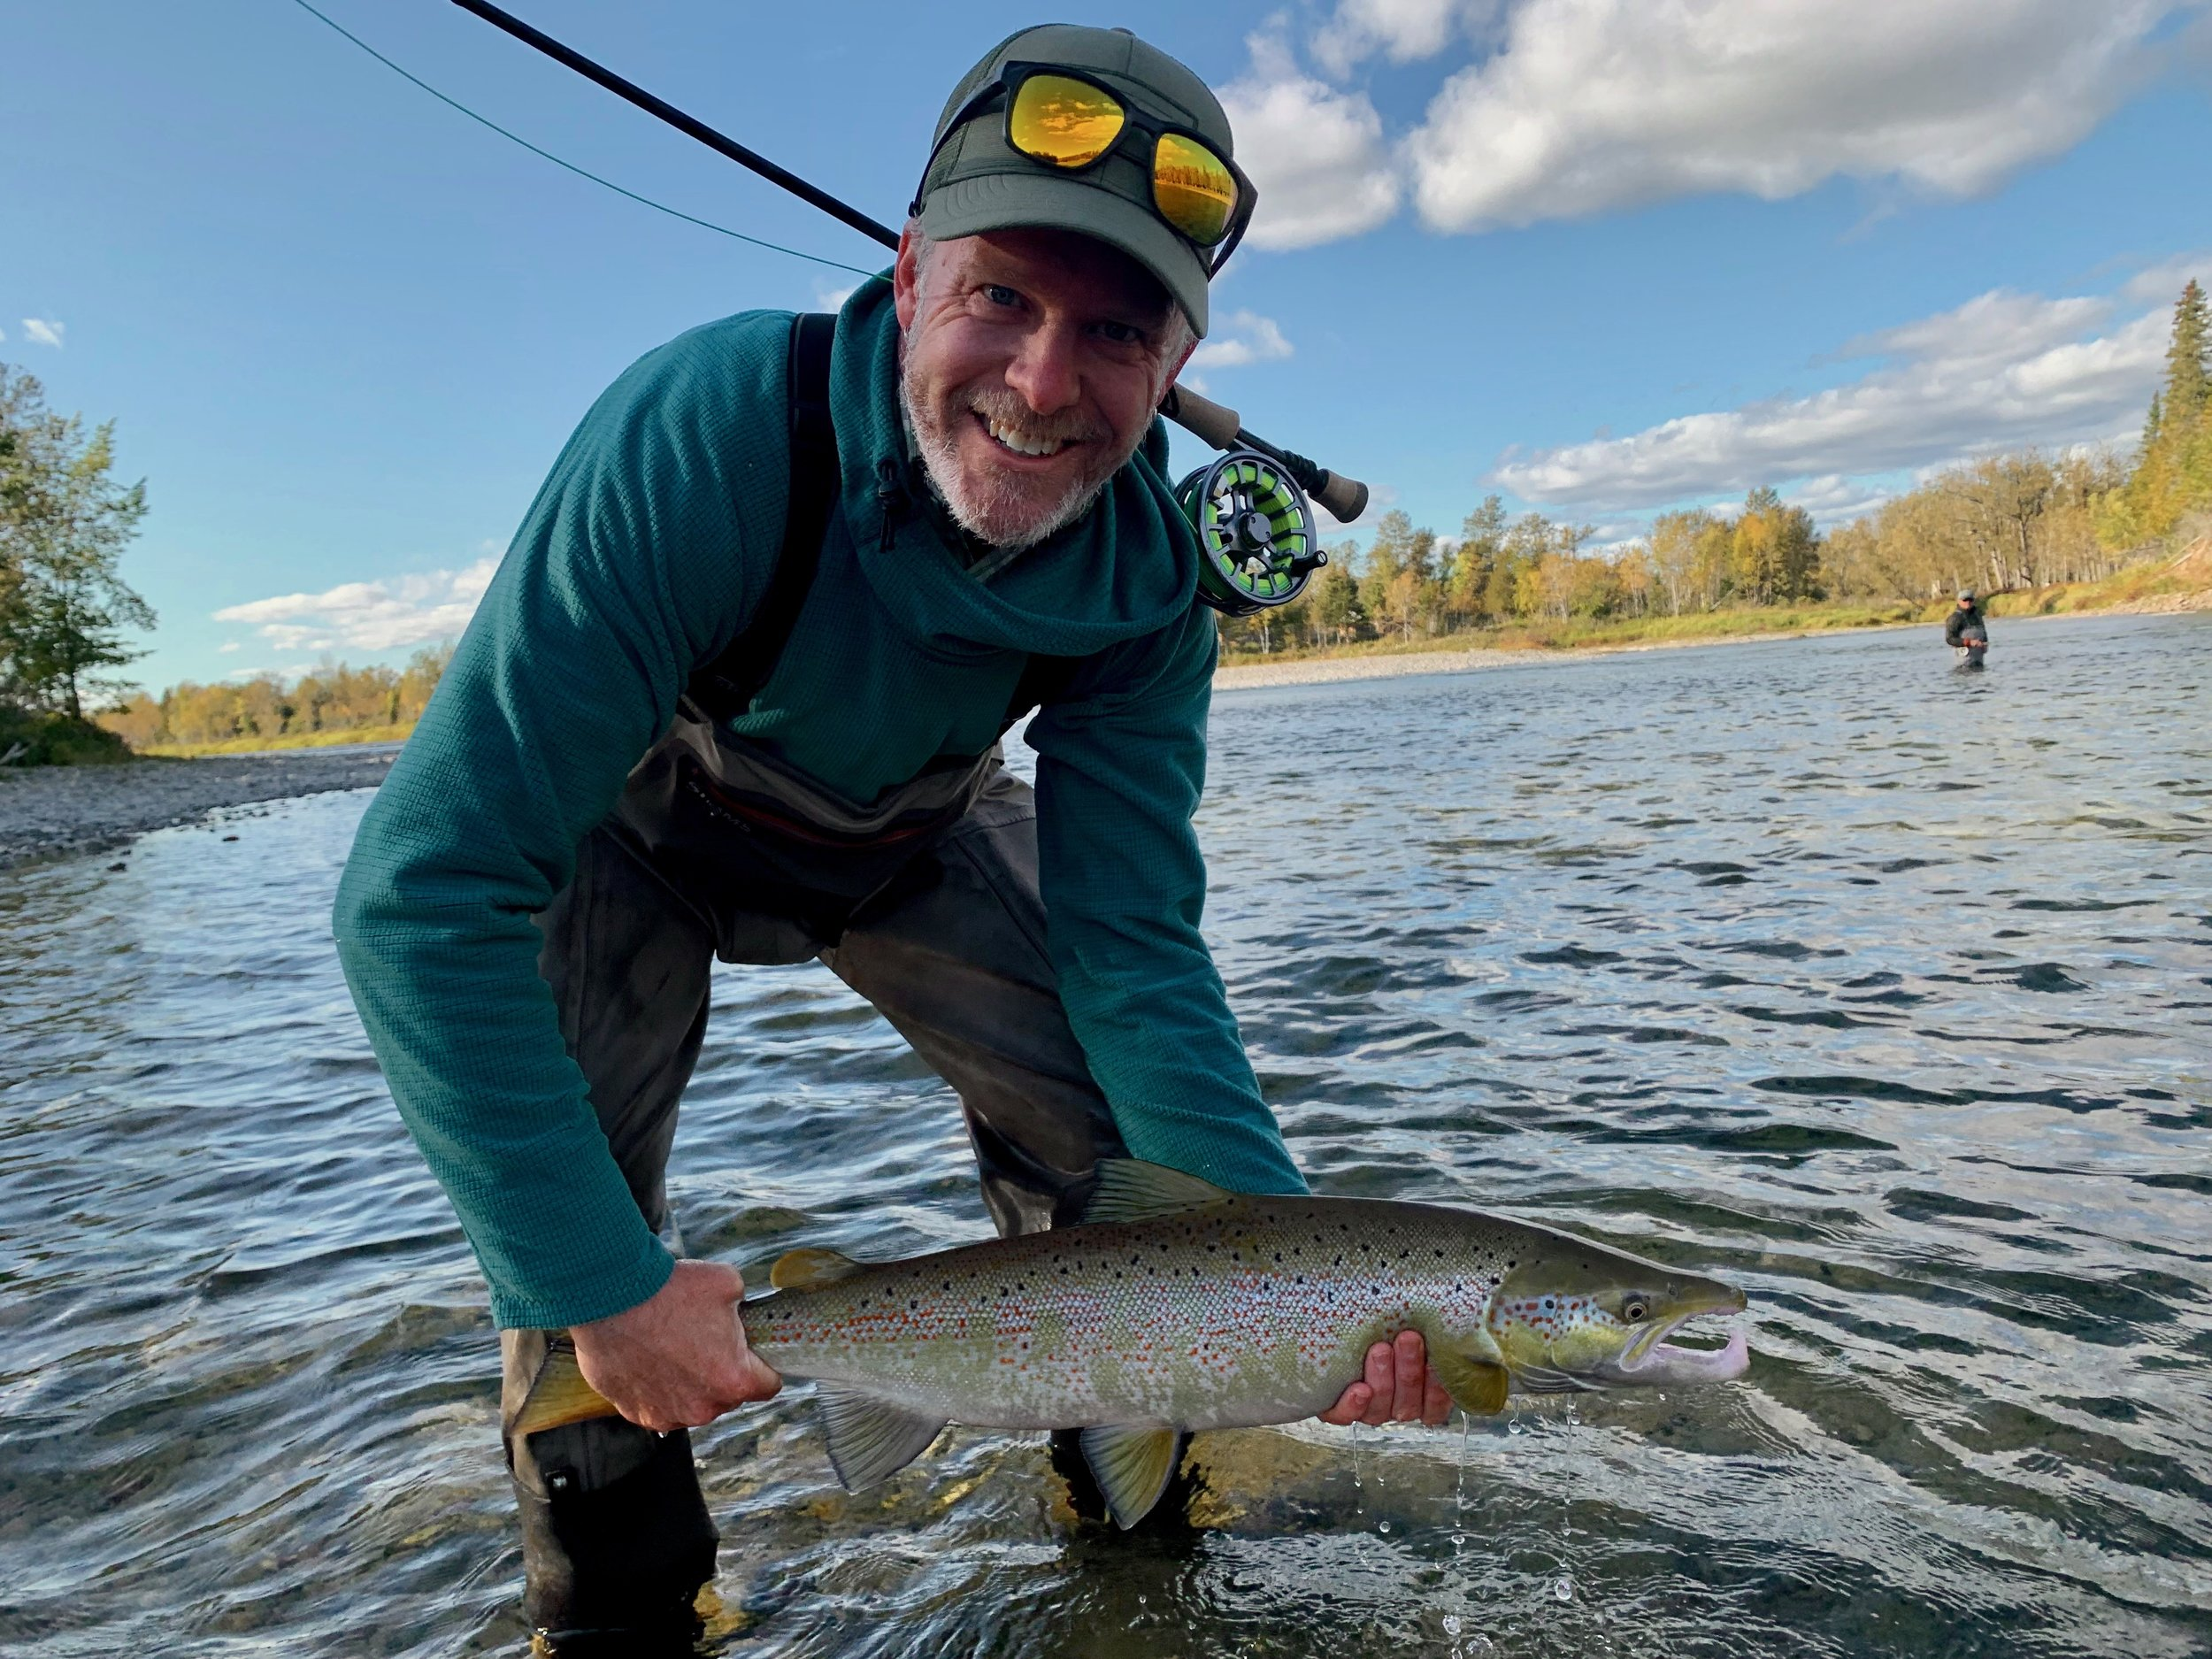 Craig Fowler a capturé ce magnifique saumon sur la rivière Bonaventure, avec les conseils de notre guide Robert. Félicitations, les gars! Beau travail!